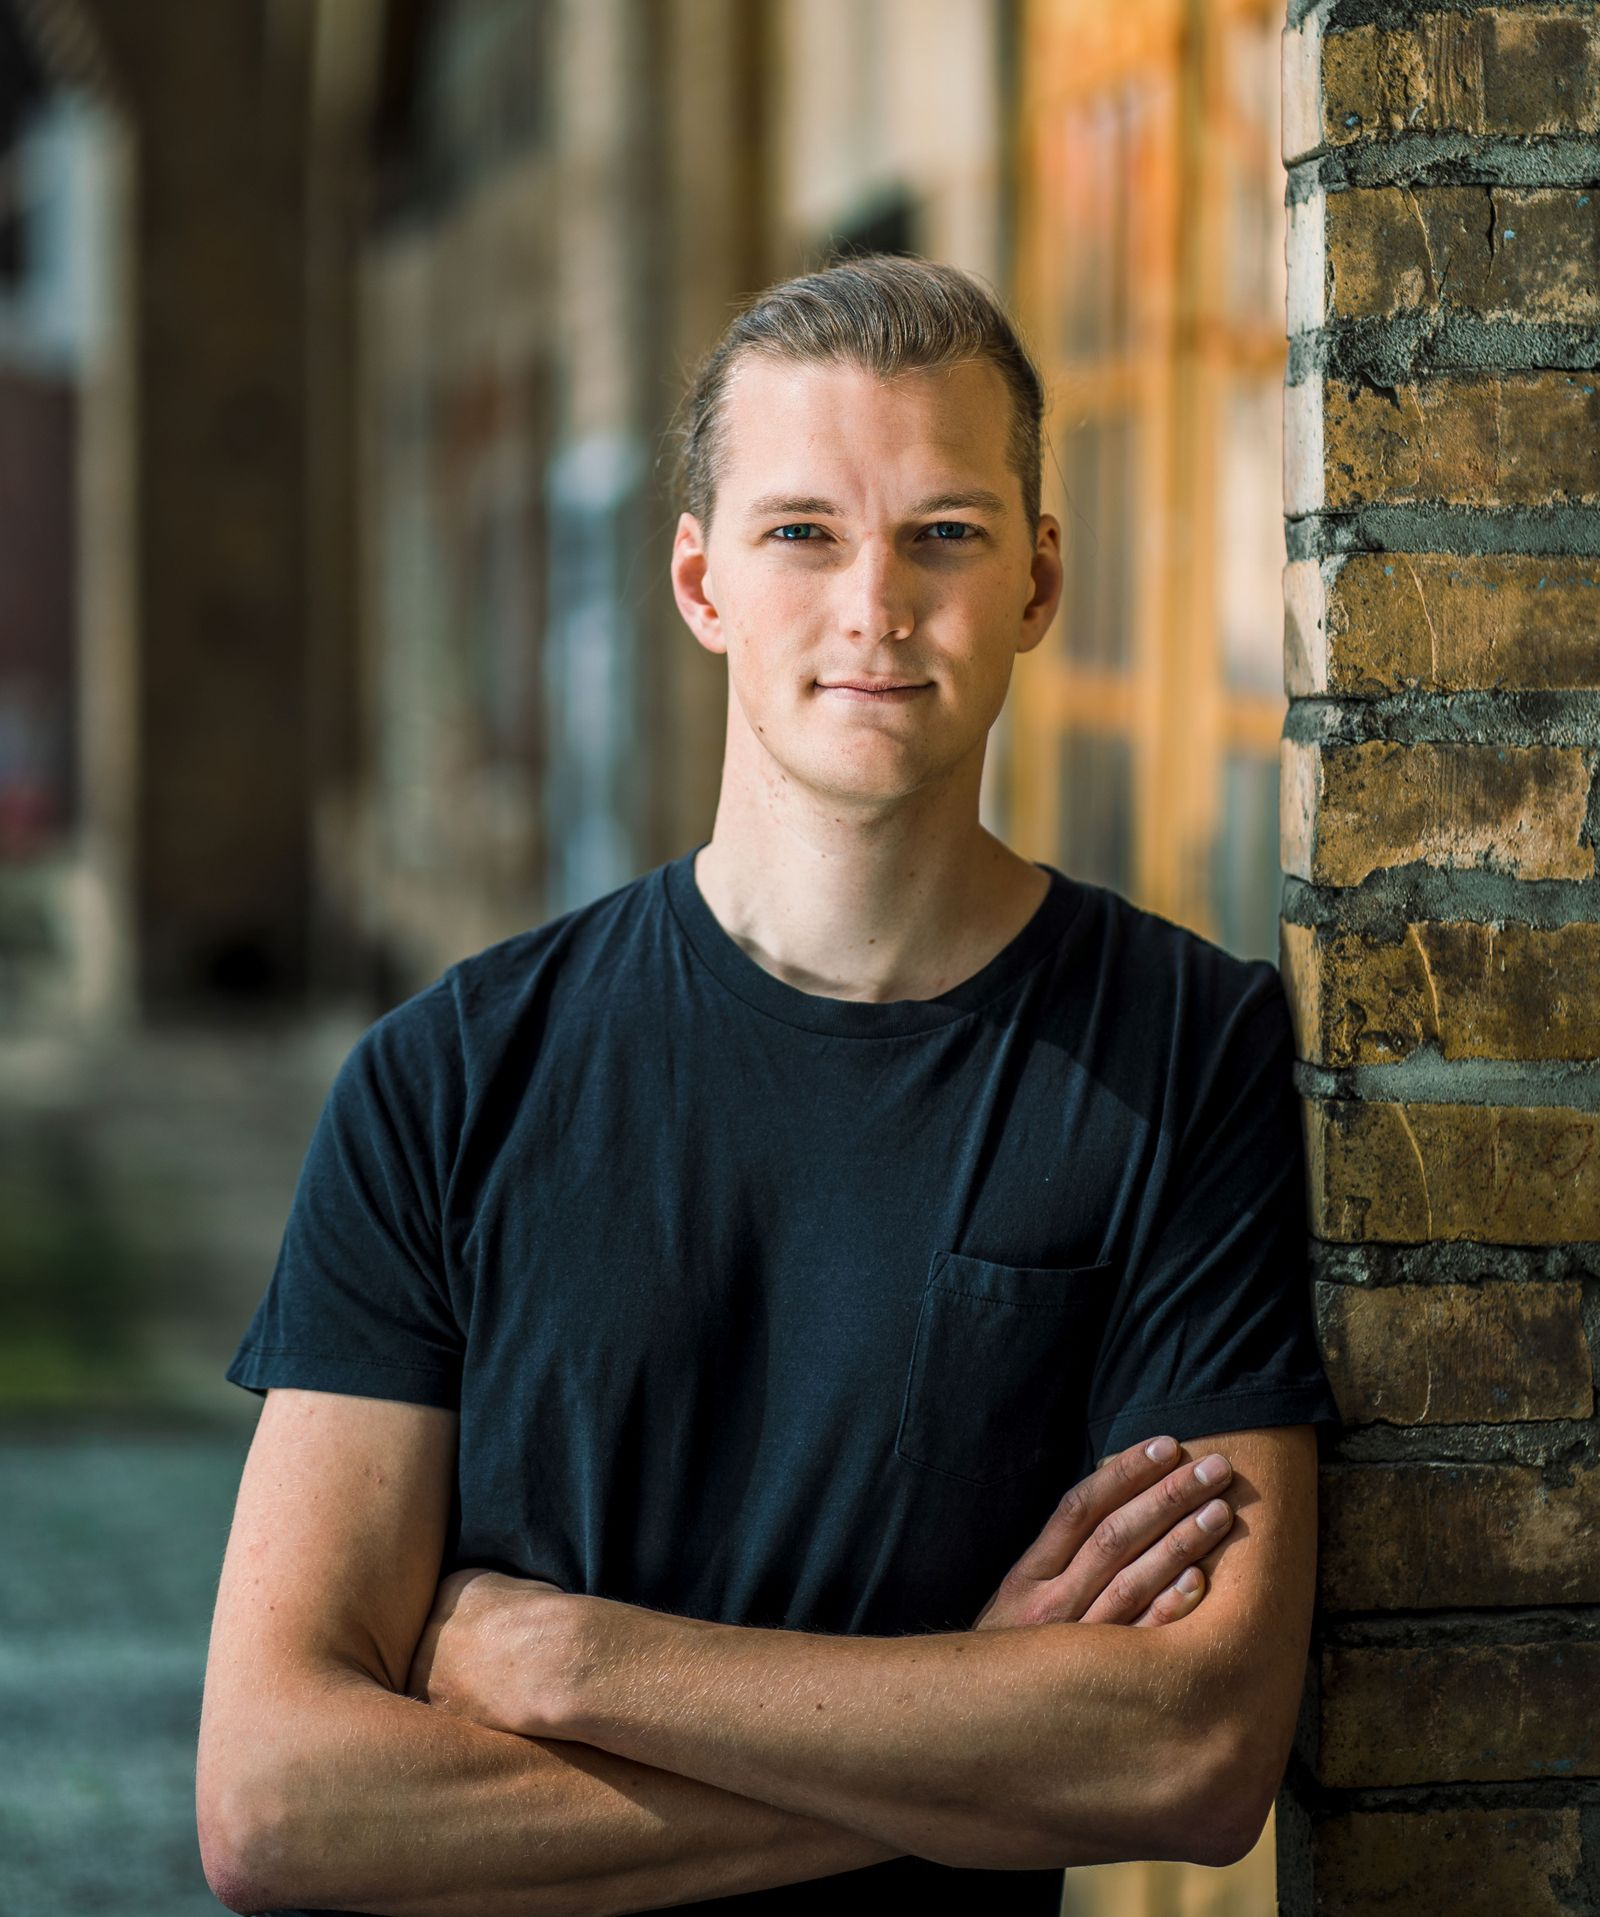 Georg Kurz / Sprecher der Grünen Jugend